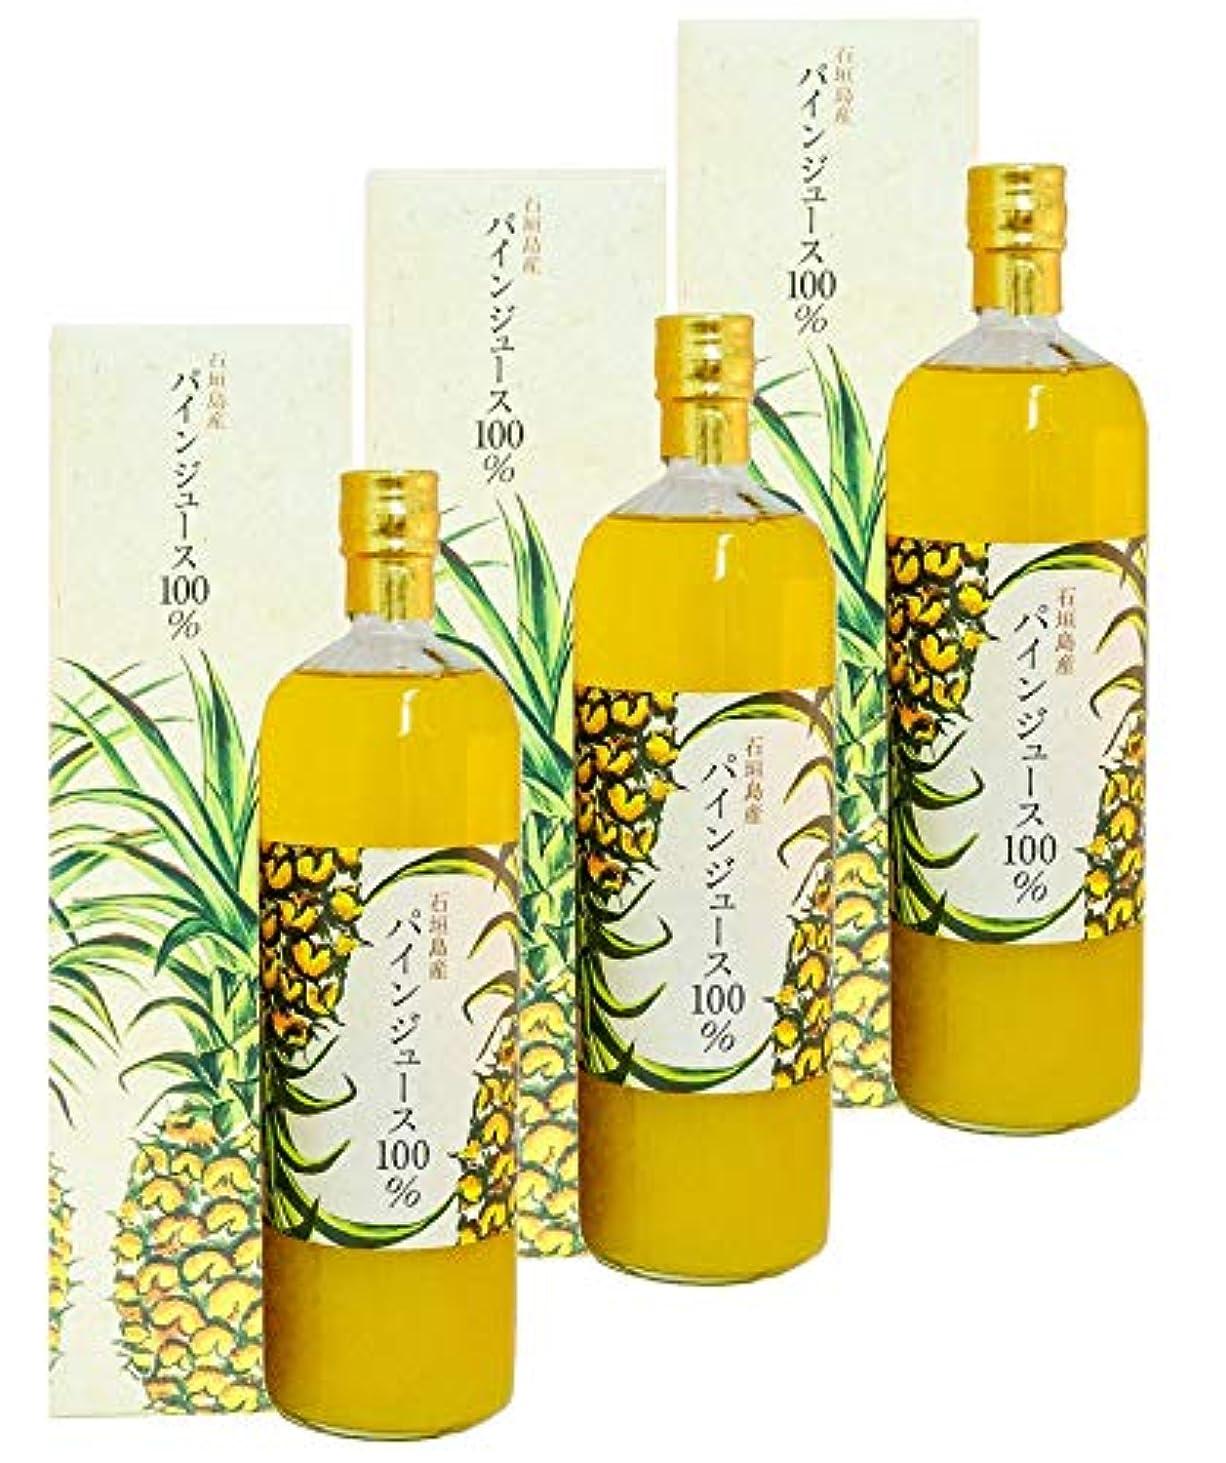 冷凍庫デコレーションヤギ石垣島産 パインジュース100% 900ml 3本 パイナップルジュース